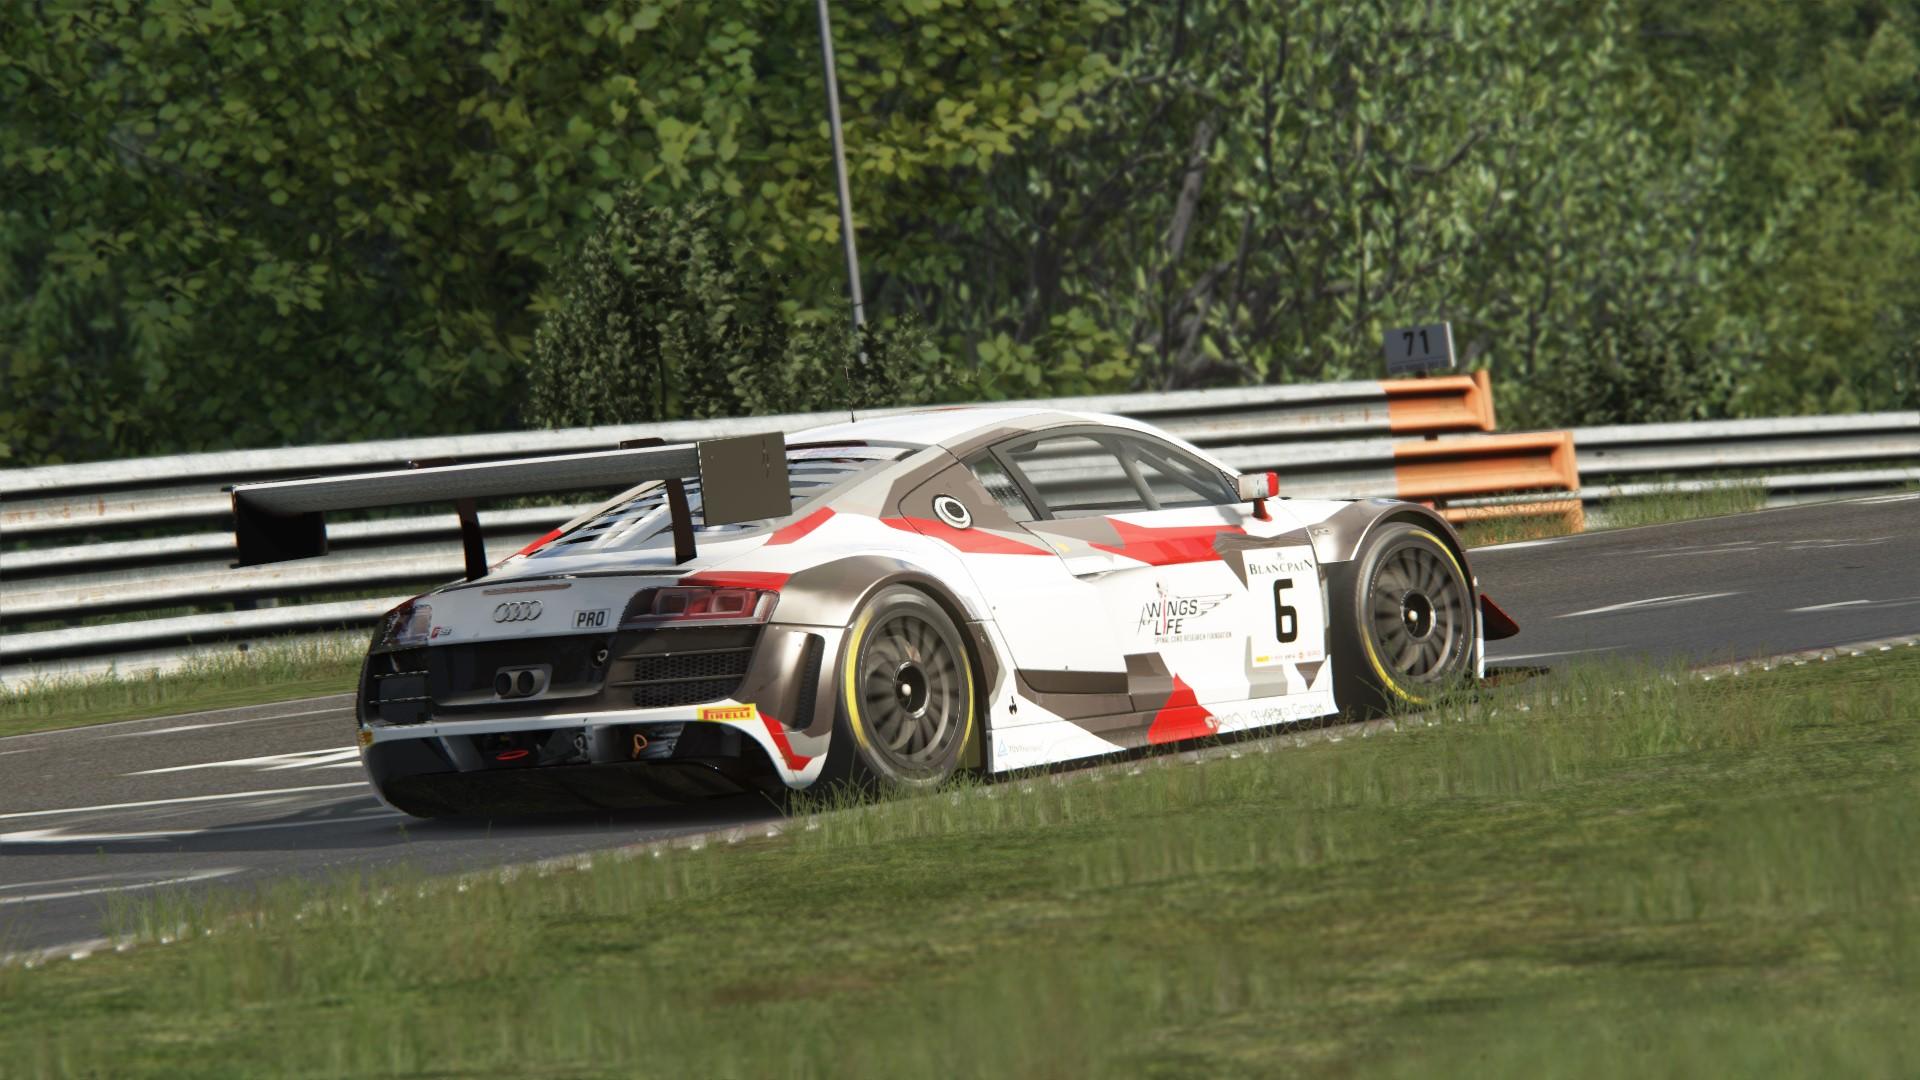 4K - 2014 AUDI R8 GT3 TEAM PHOENIX BLANCPAIN | RaceDepartment